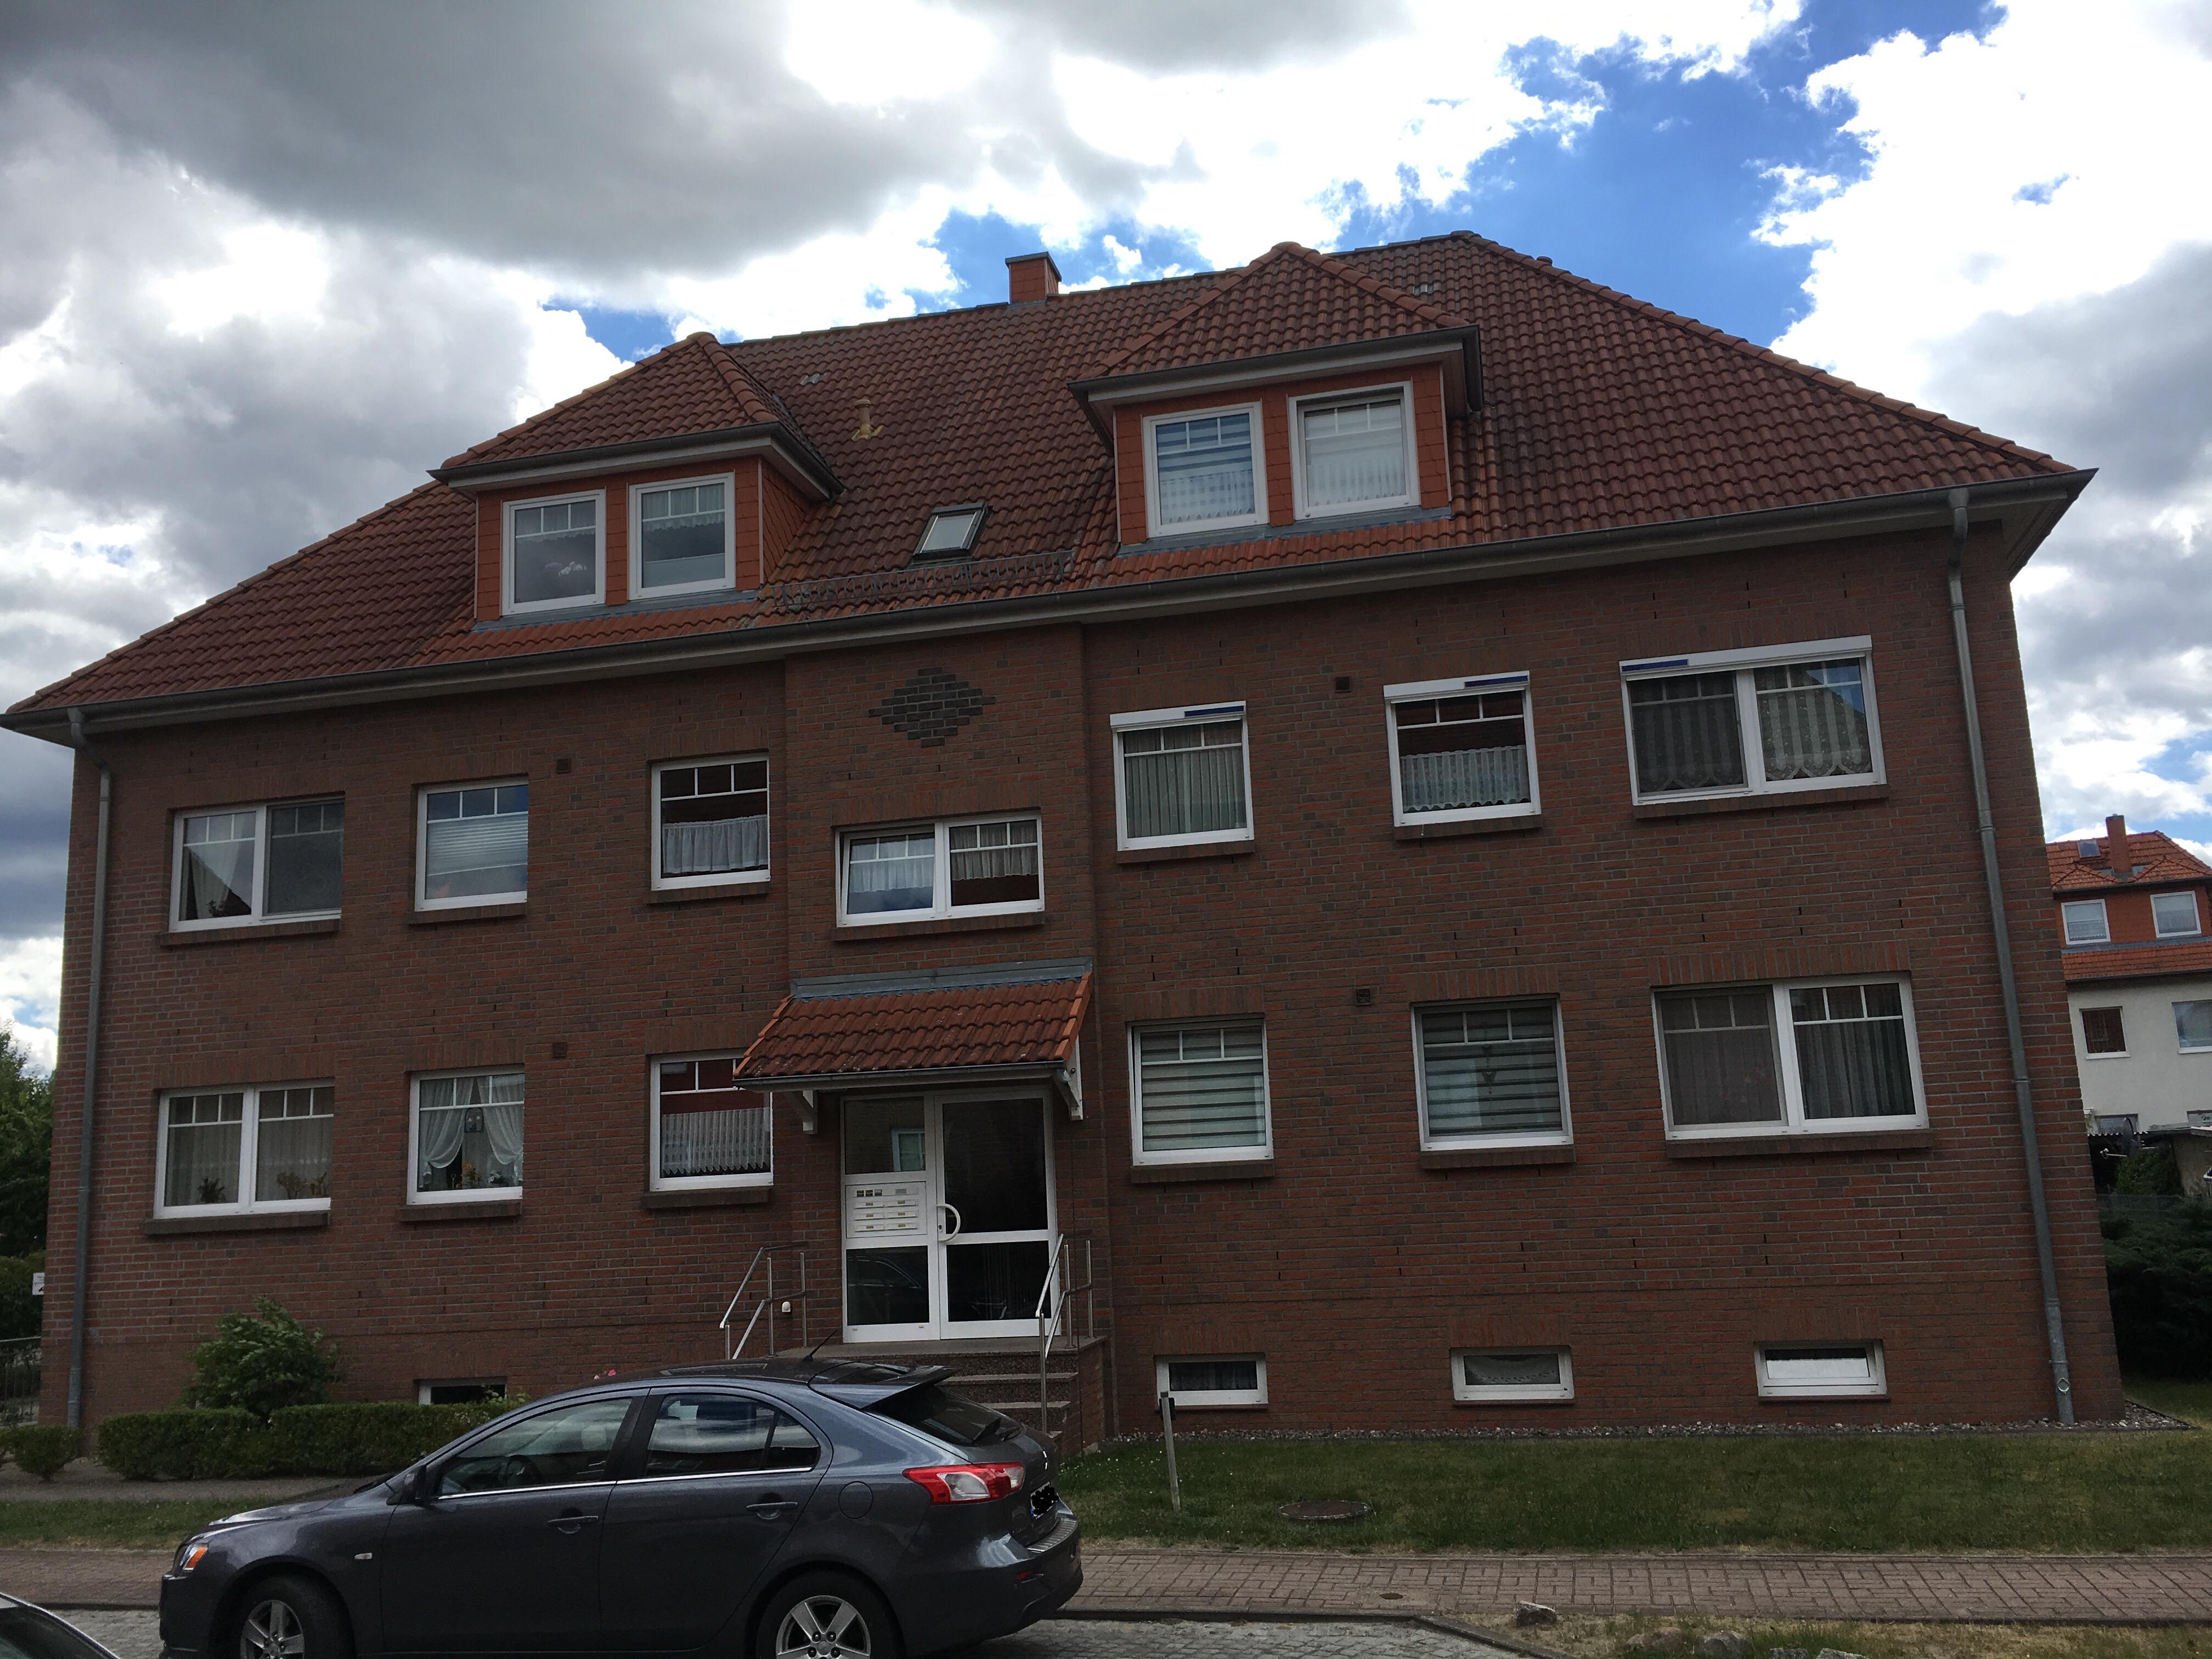 Beethovenstraße 4